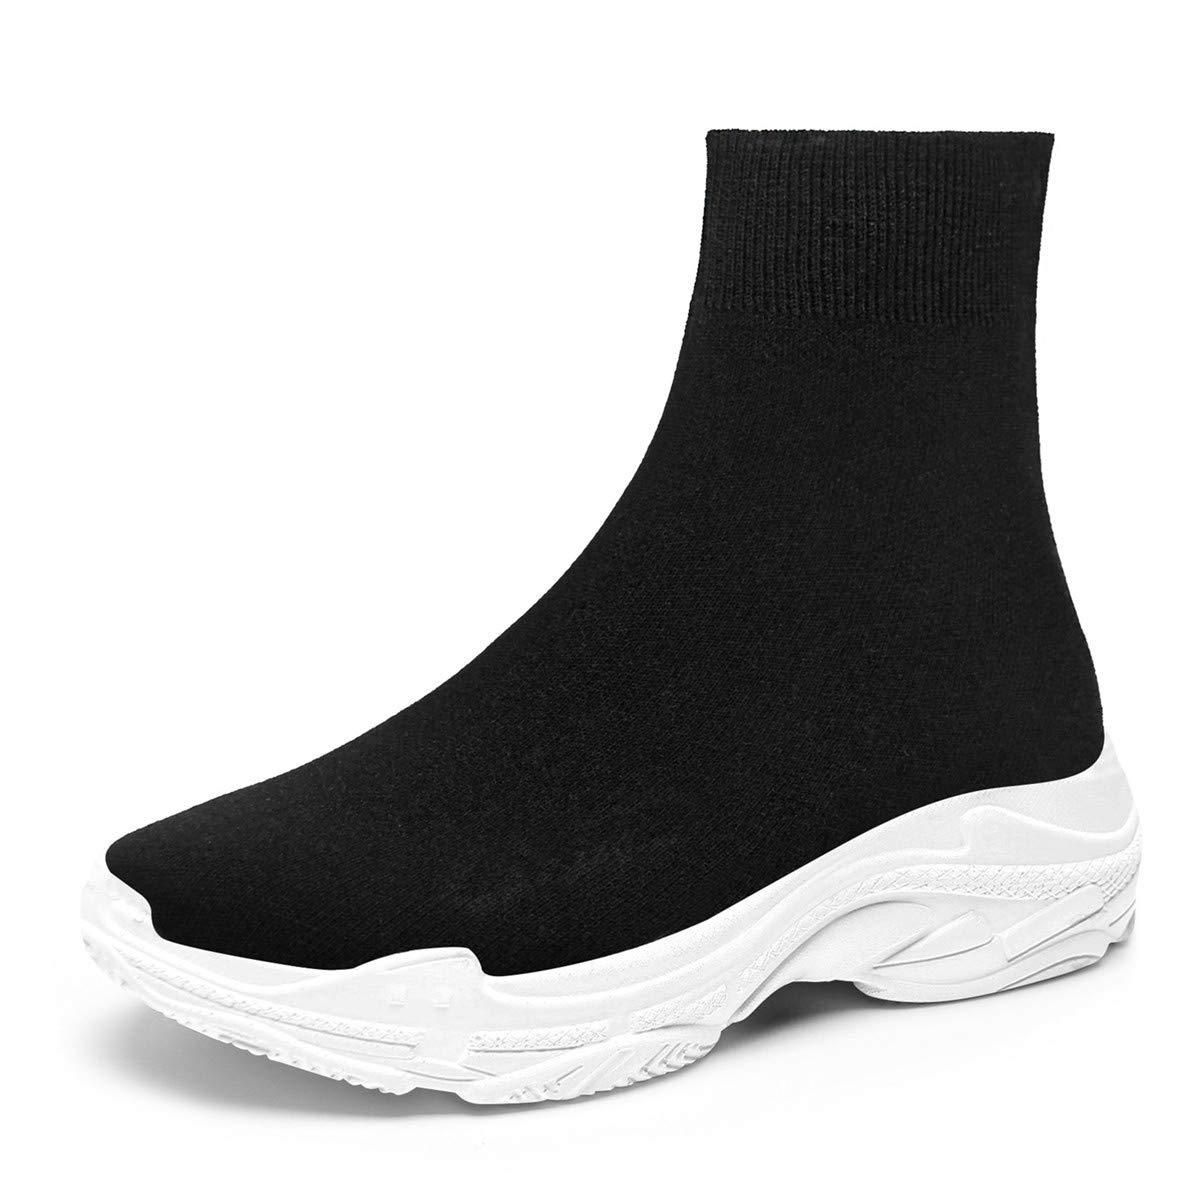 Hommes Femmes Mode Outdoor Hommes Chaussures de Course Femmes B074J5BRXW Respirant athlétique Baskets Blanc 99c443c - digitalweb.space